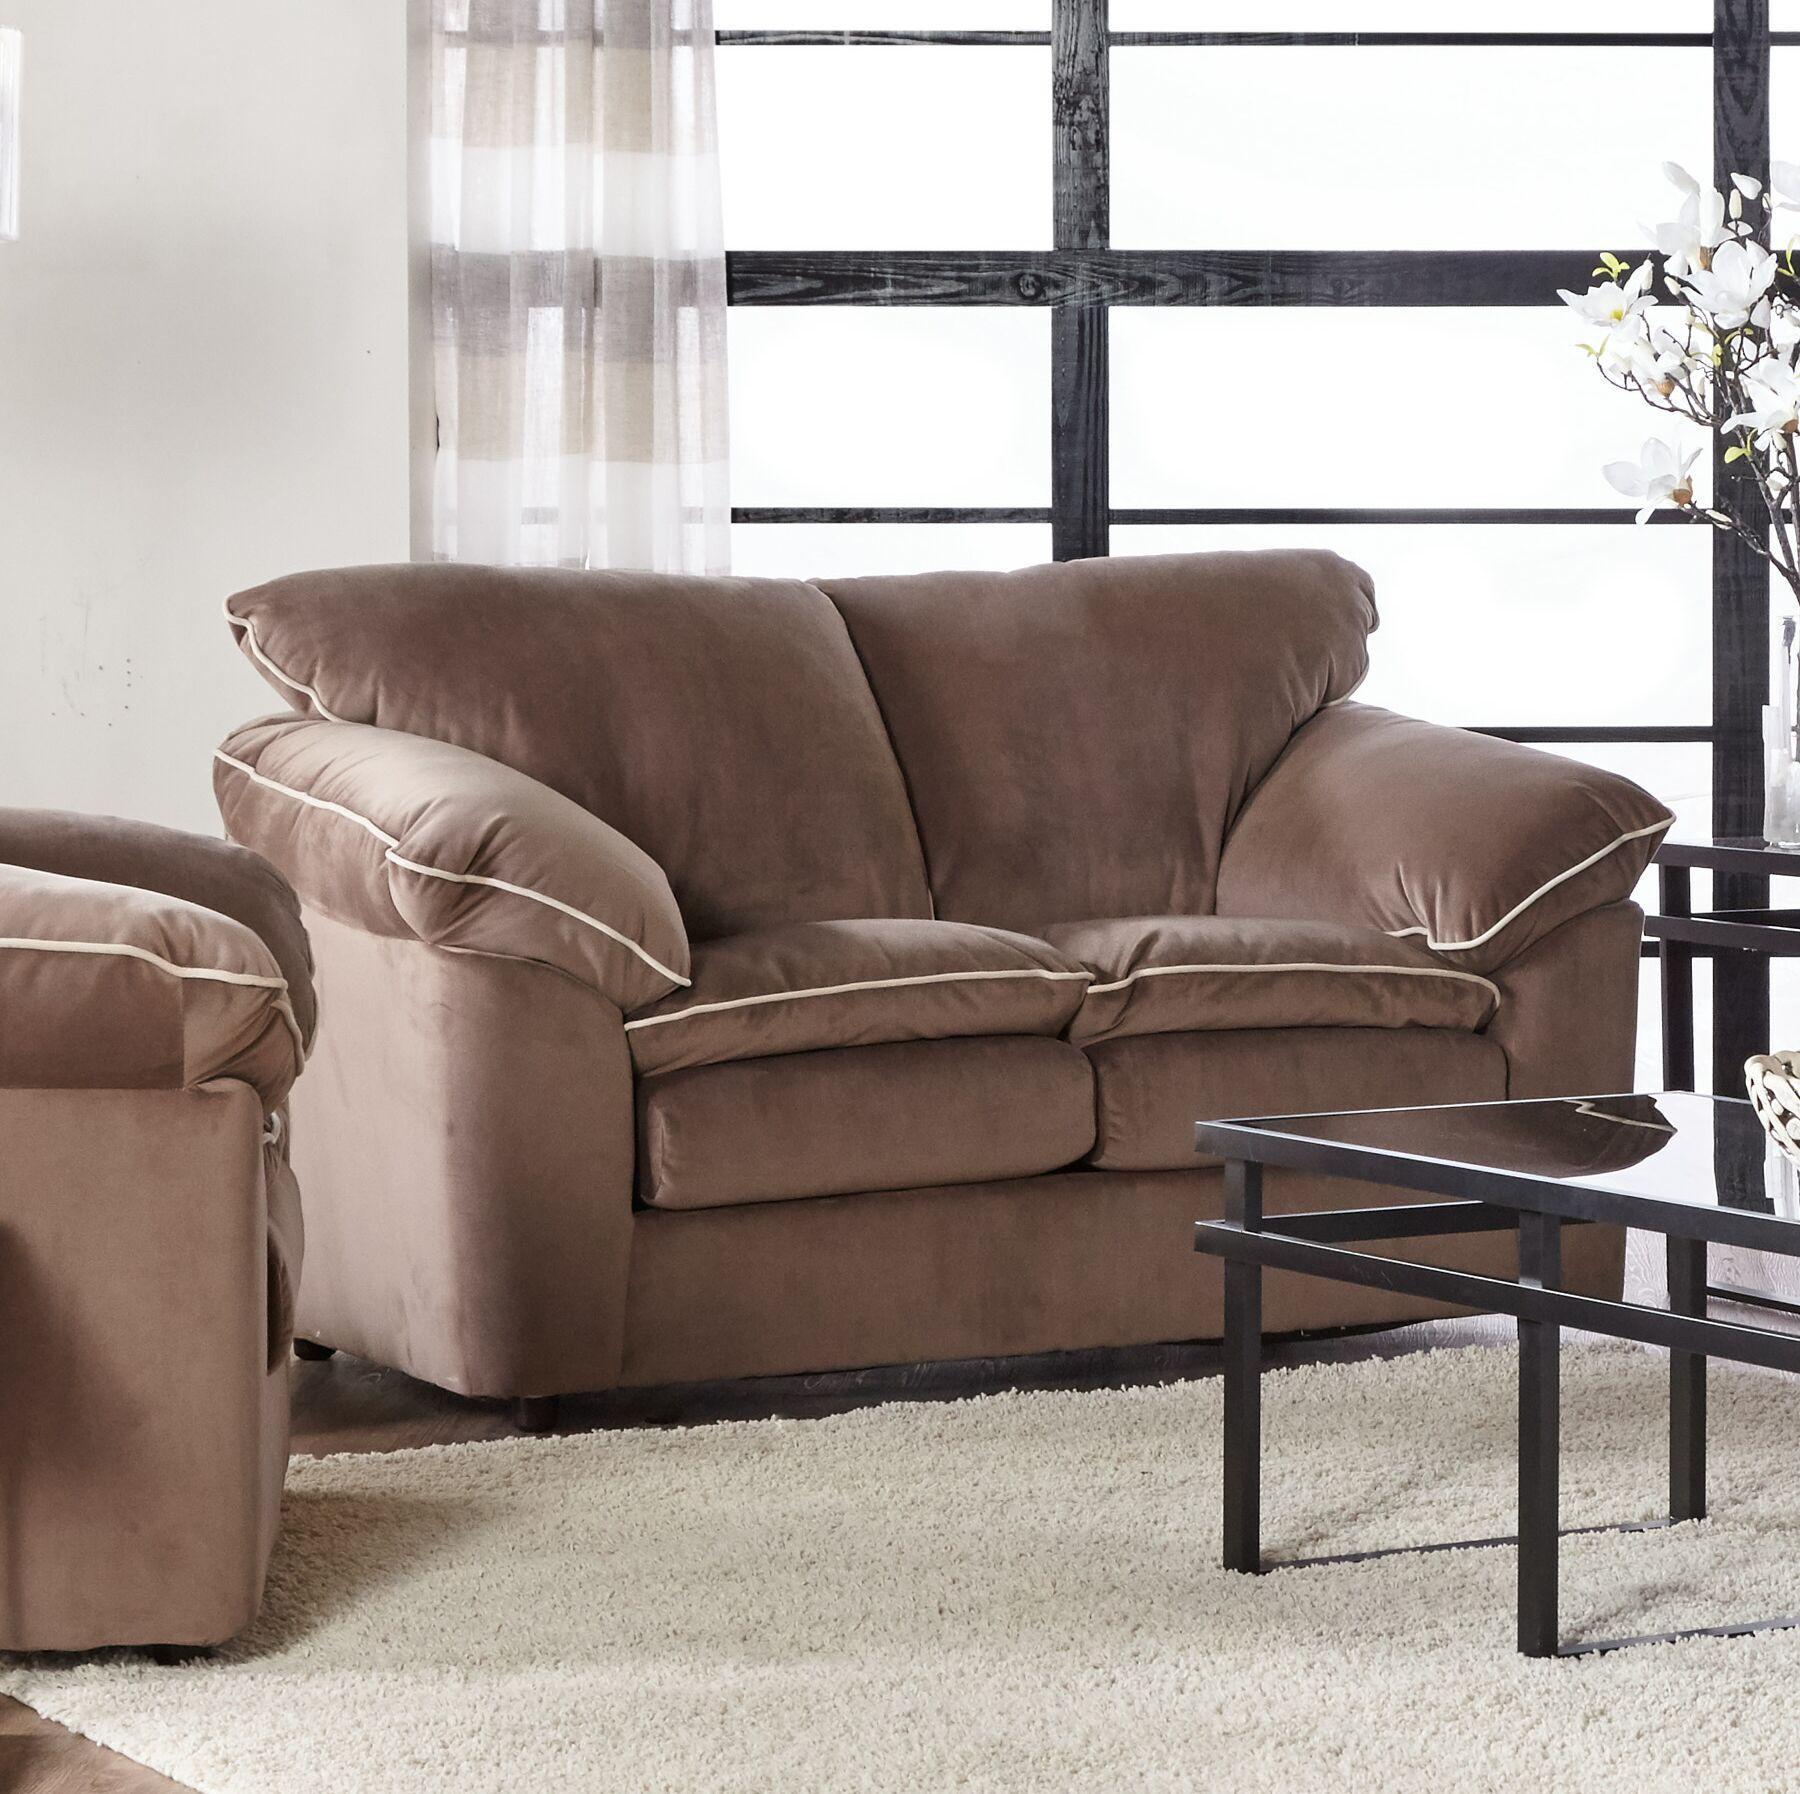 LeBretton Loveseat Upholstery: Light Brown